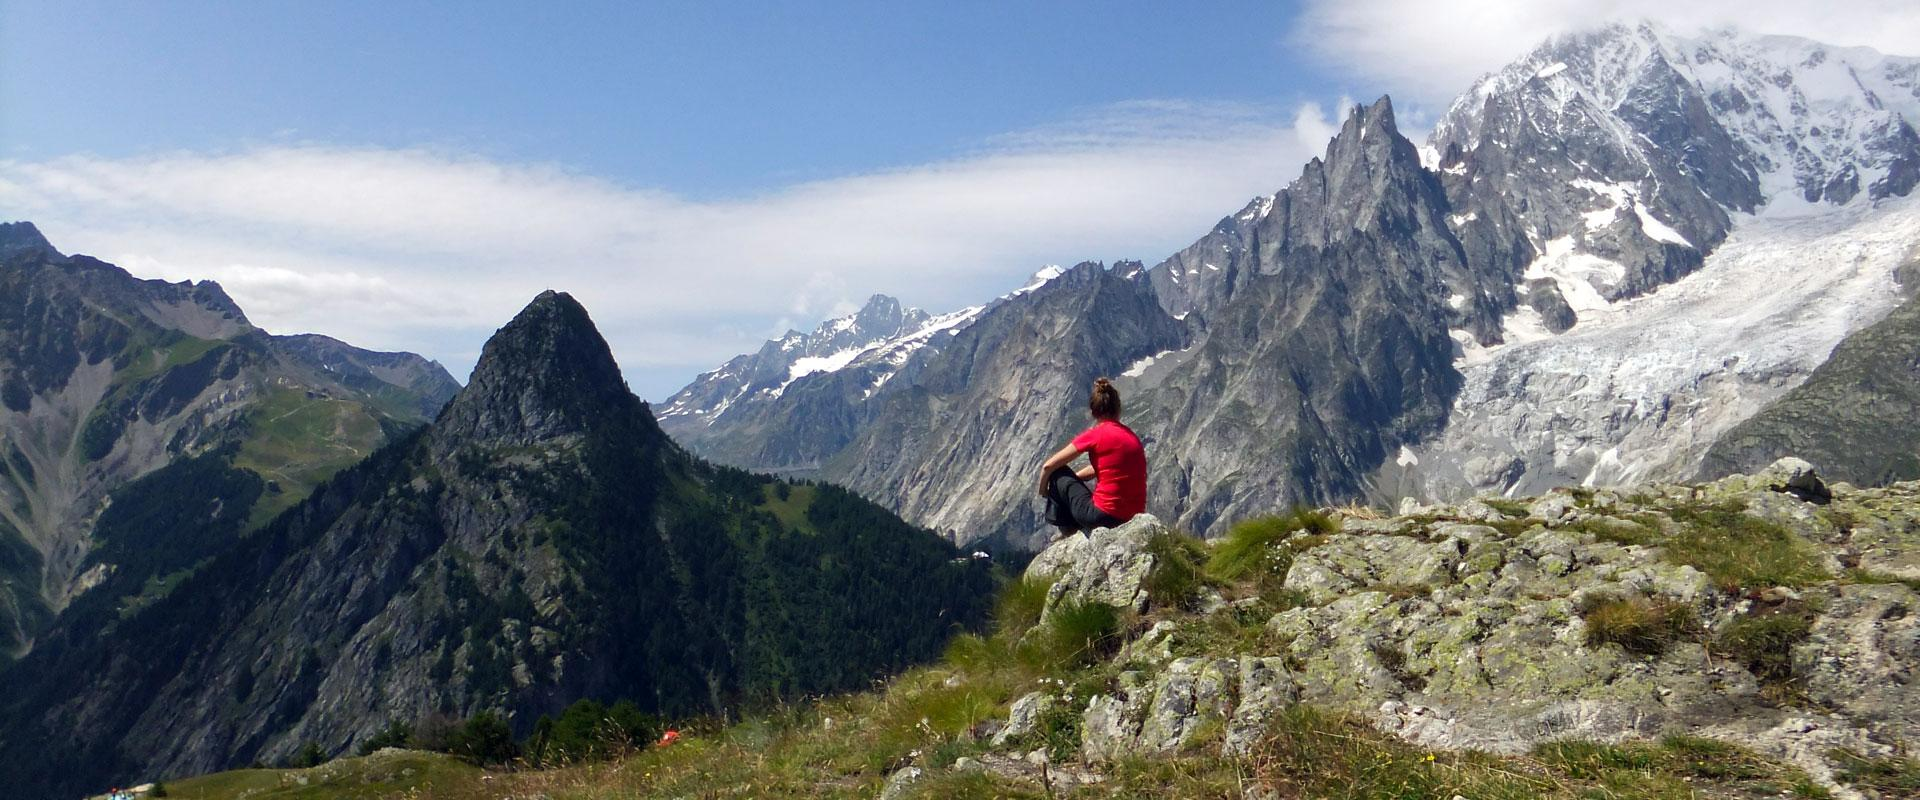 Alperne: Tour du Mont Blanc